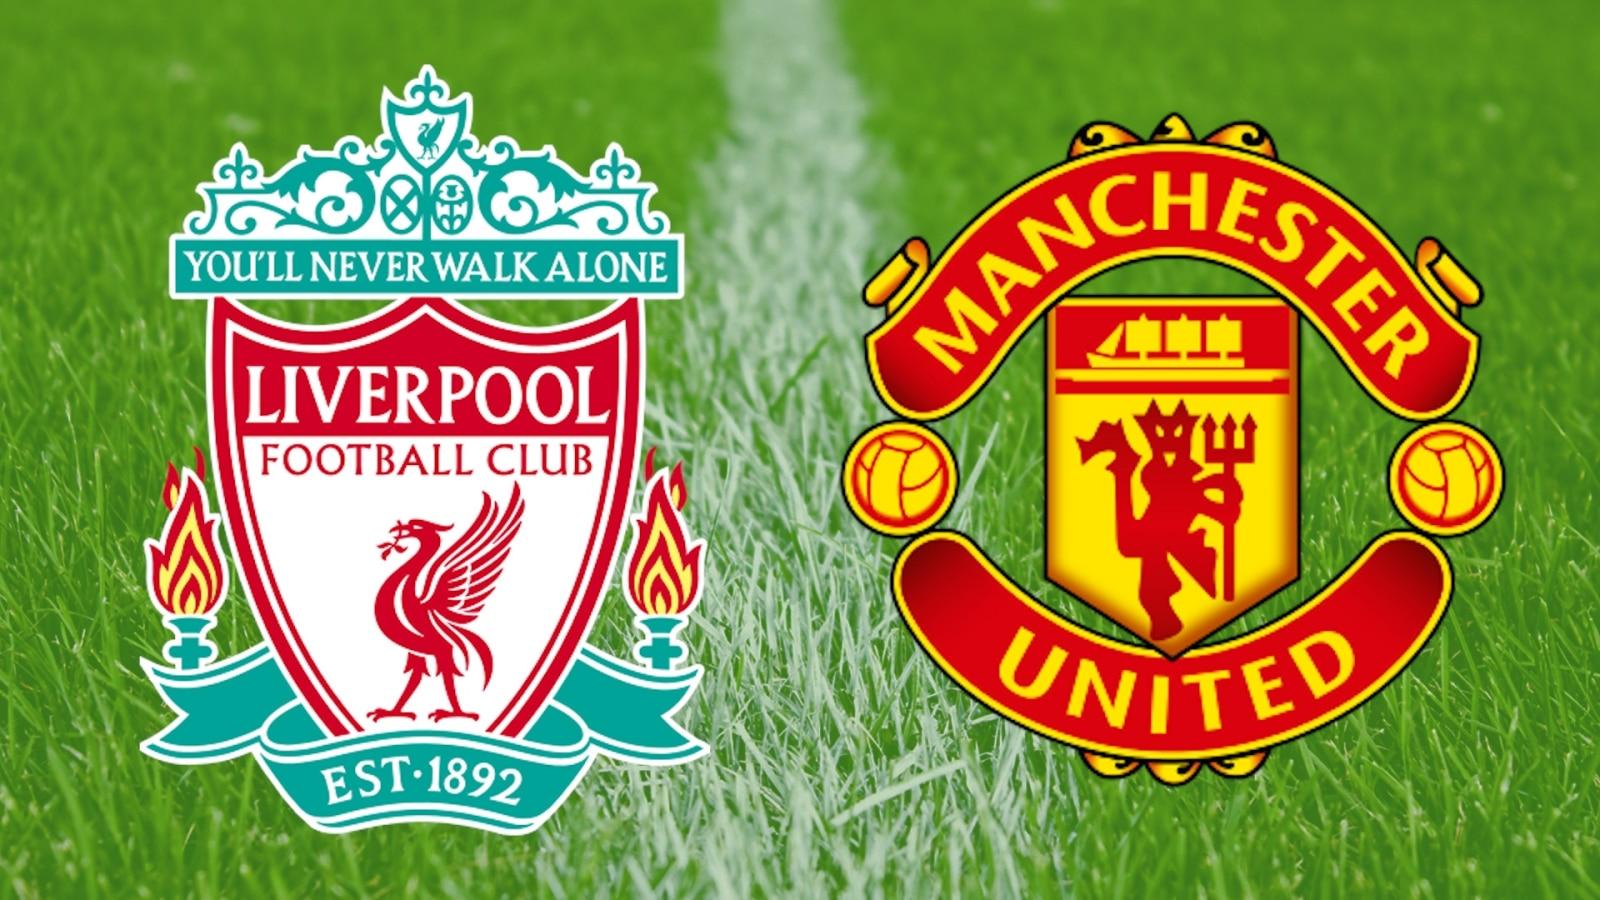 Liverpool Vs Man United Logo 1600x900 Wallpaper Teahub Io